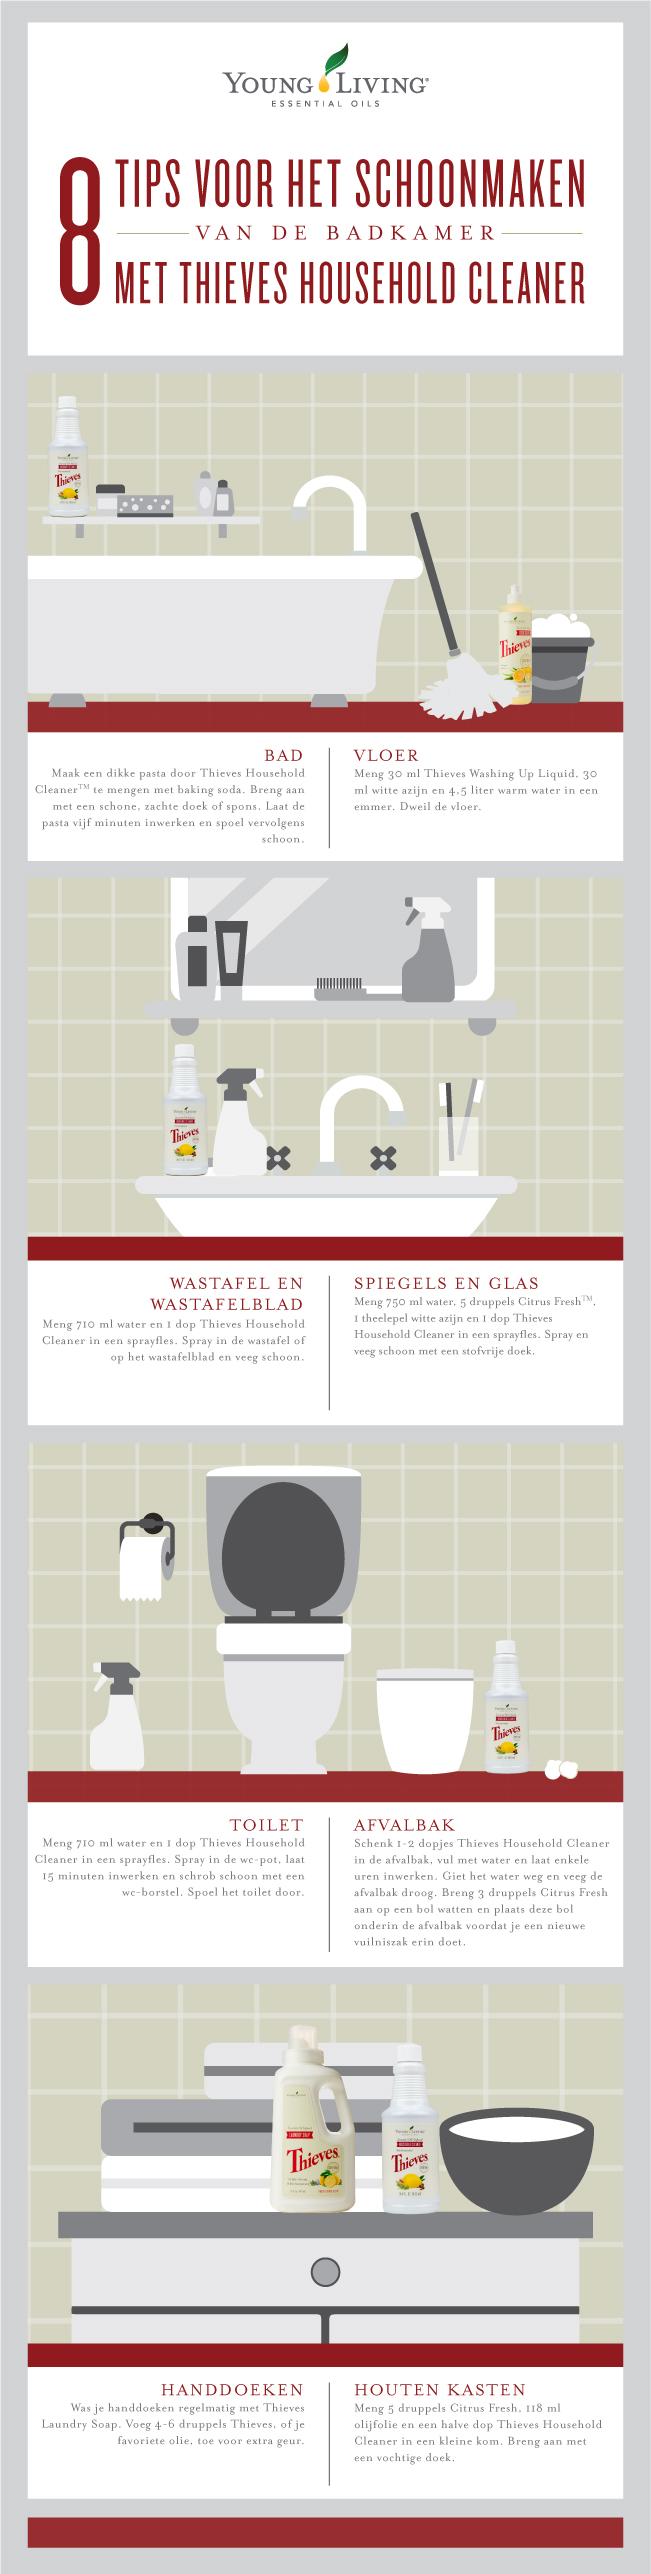 Hoe gebruik jij Thieves Household Cleaner? Laat het ons weten!